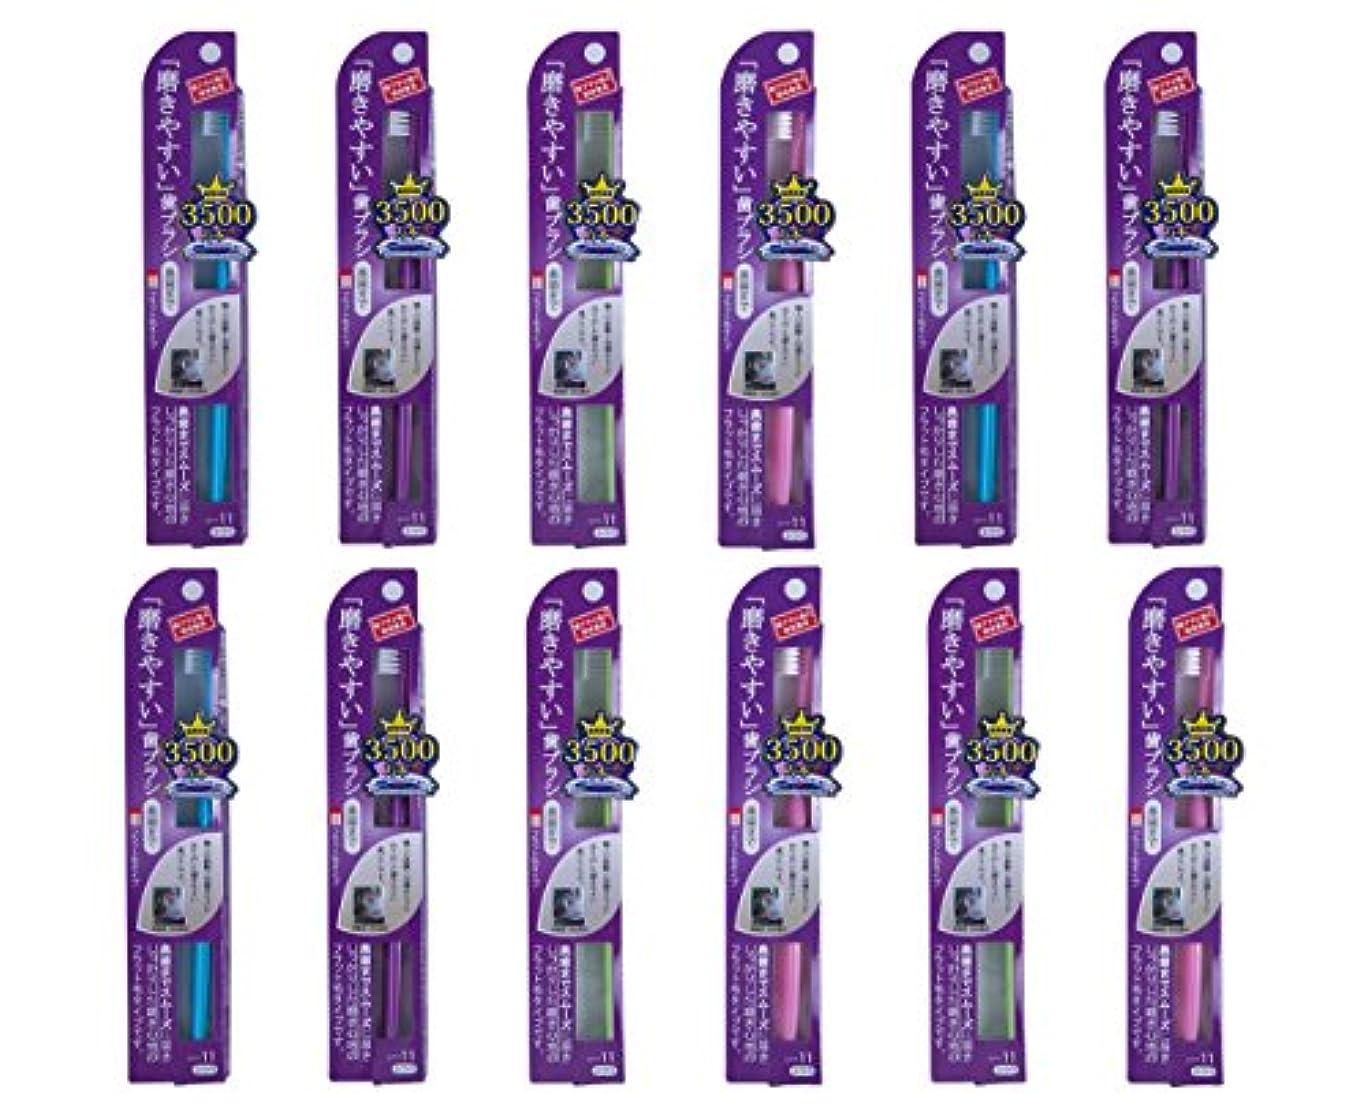 ターゲットマイクロ記念碑的な歯ブラシ職人Artooth 田辺重吉 磨きやすい歯ブラシ フラット毛タイプ  LT-11 (12本パック)